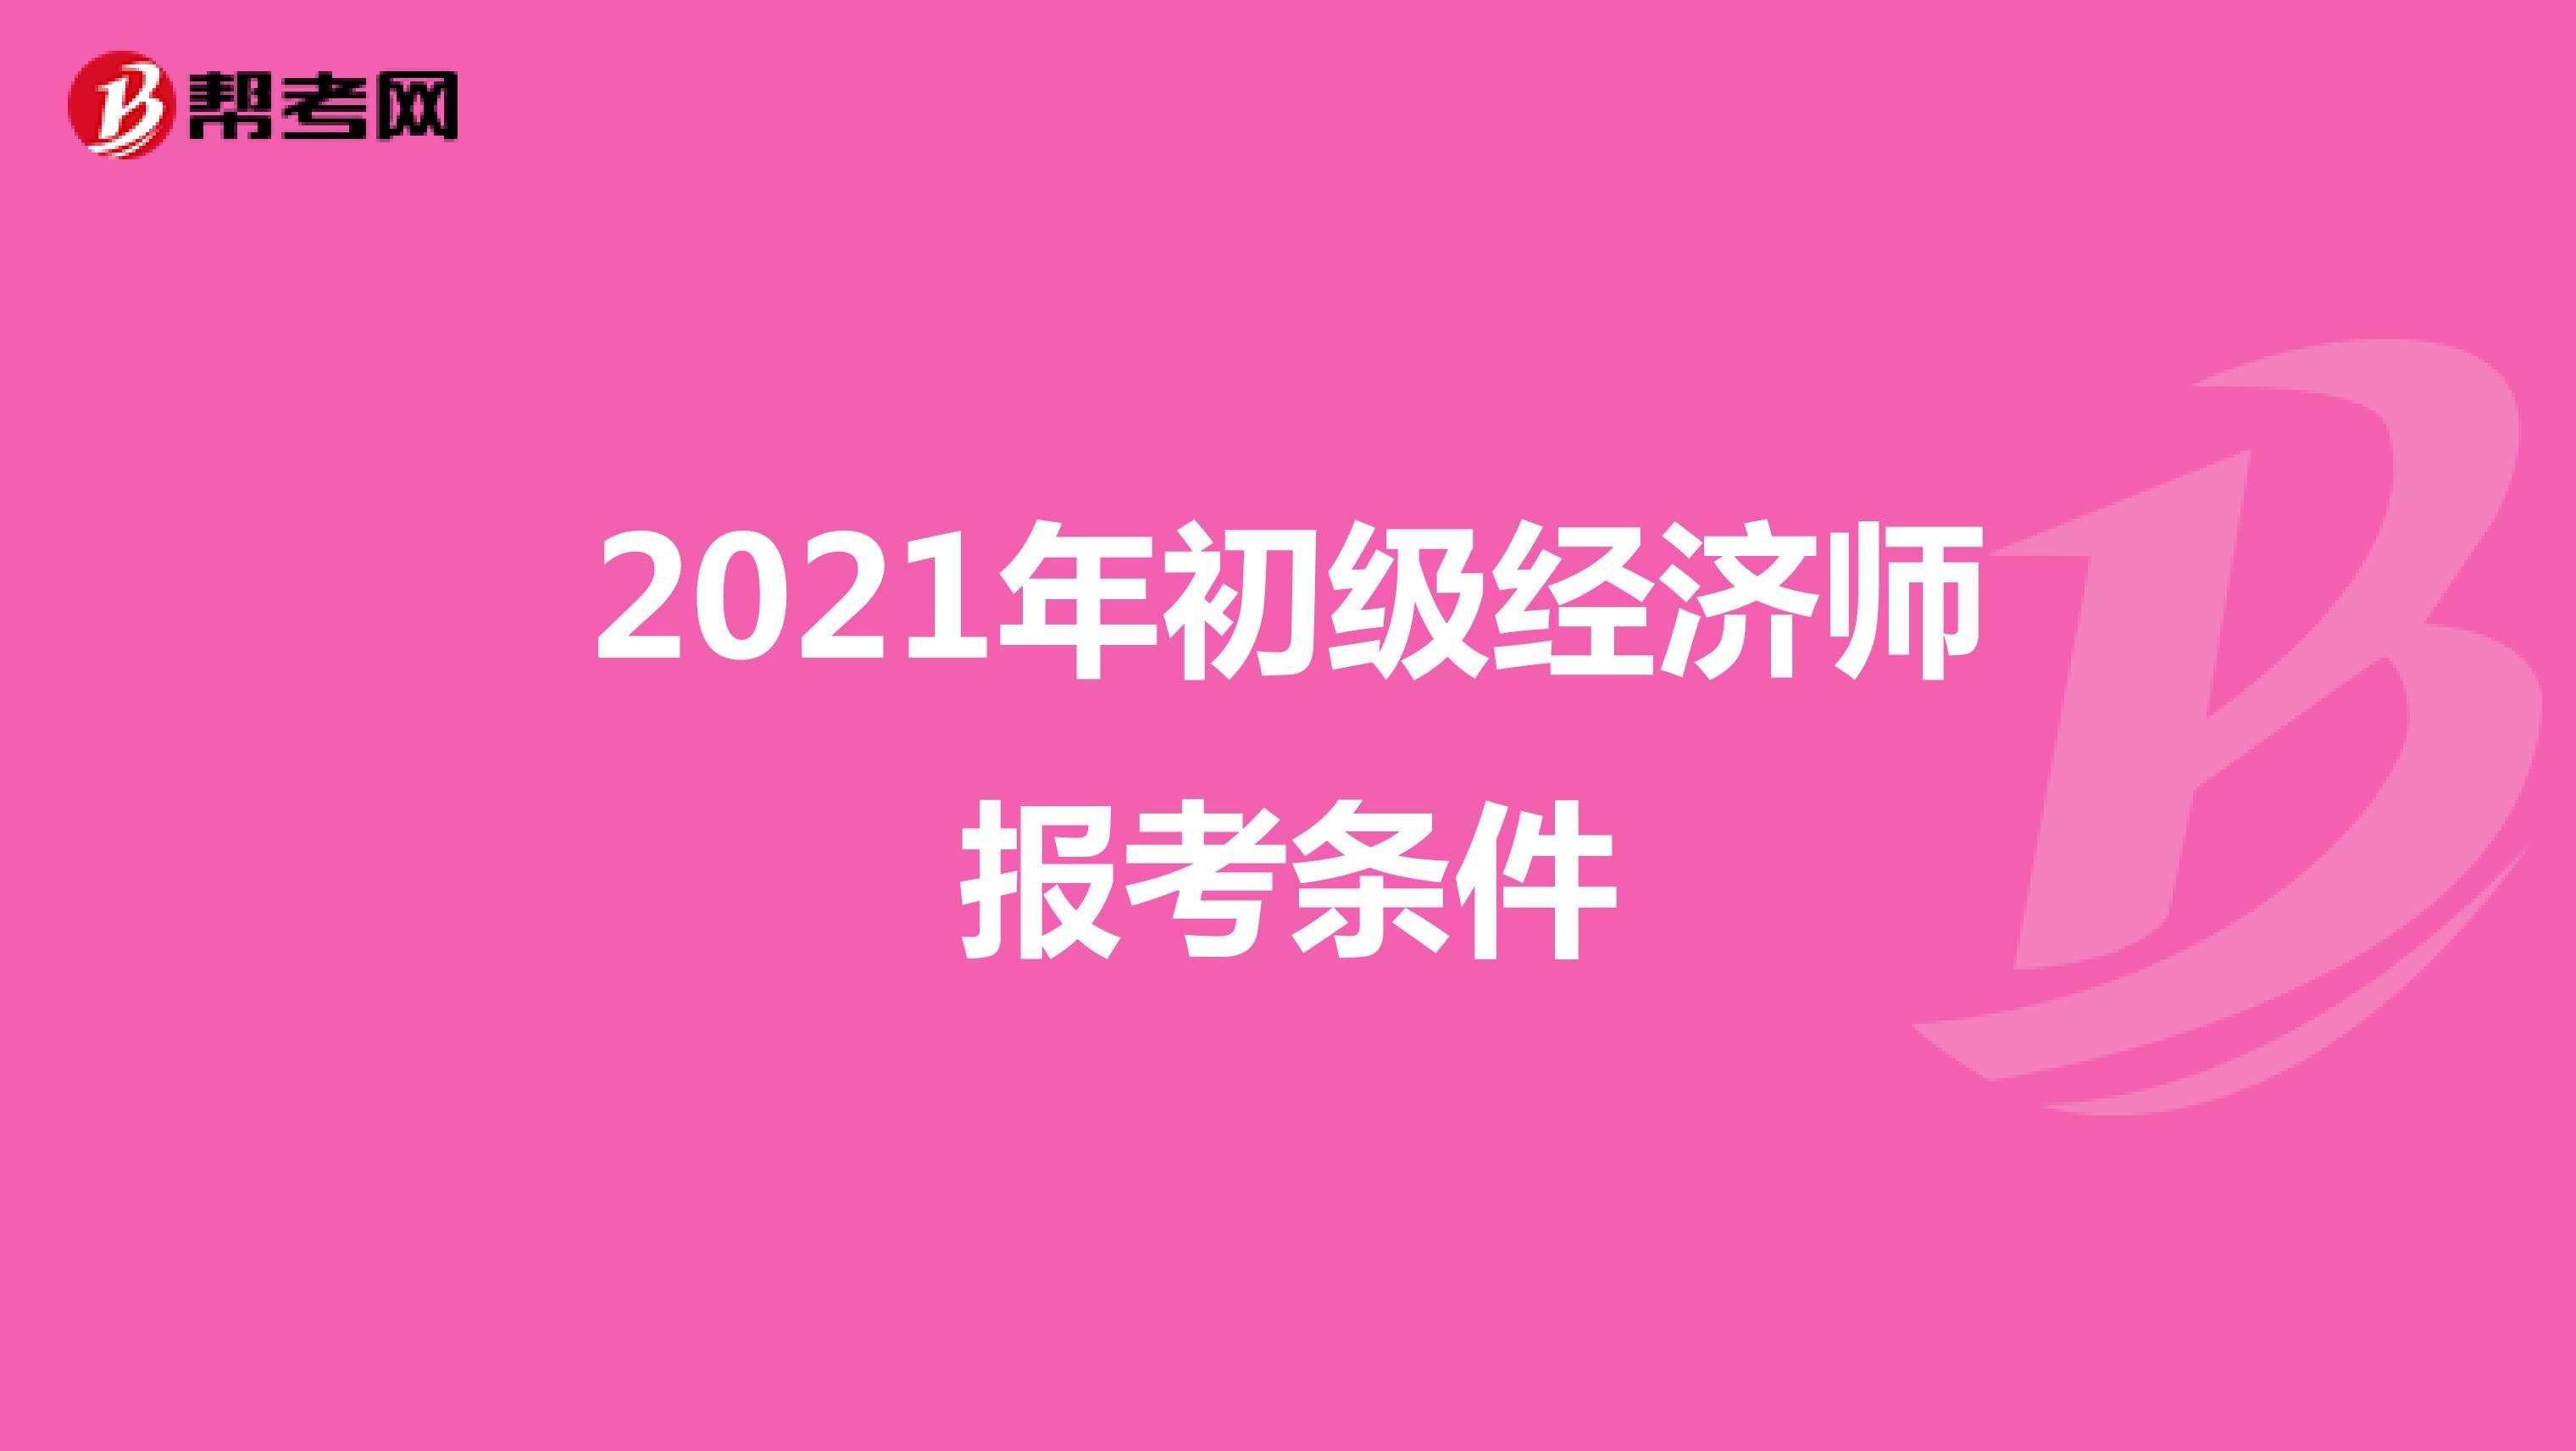 2021年初级经济师报考条件